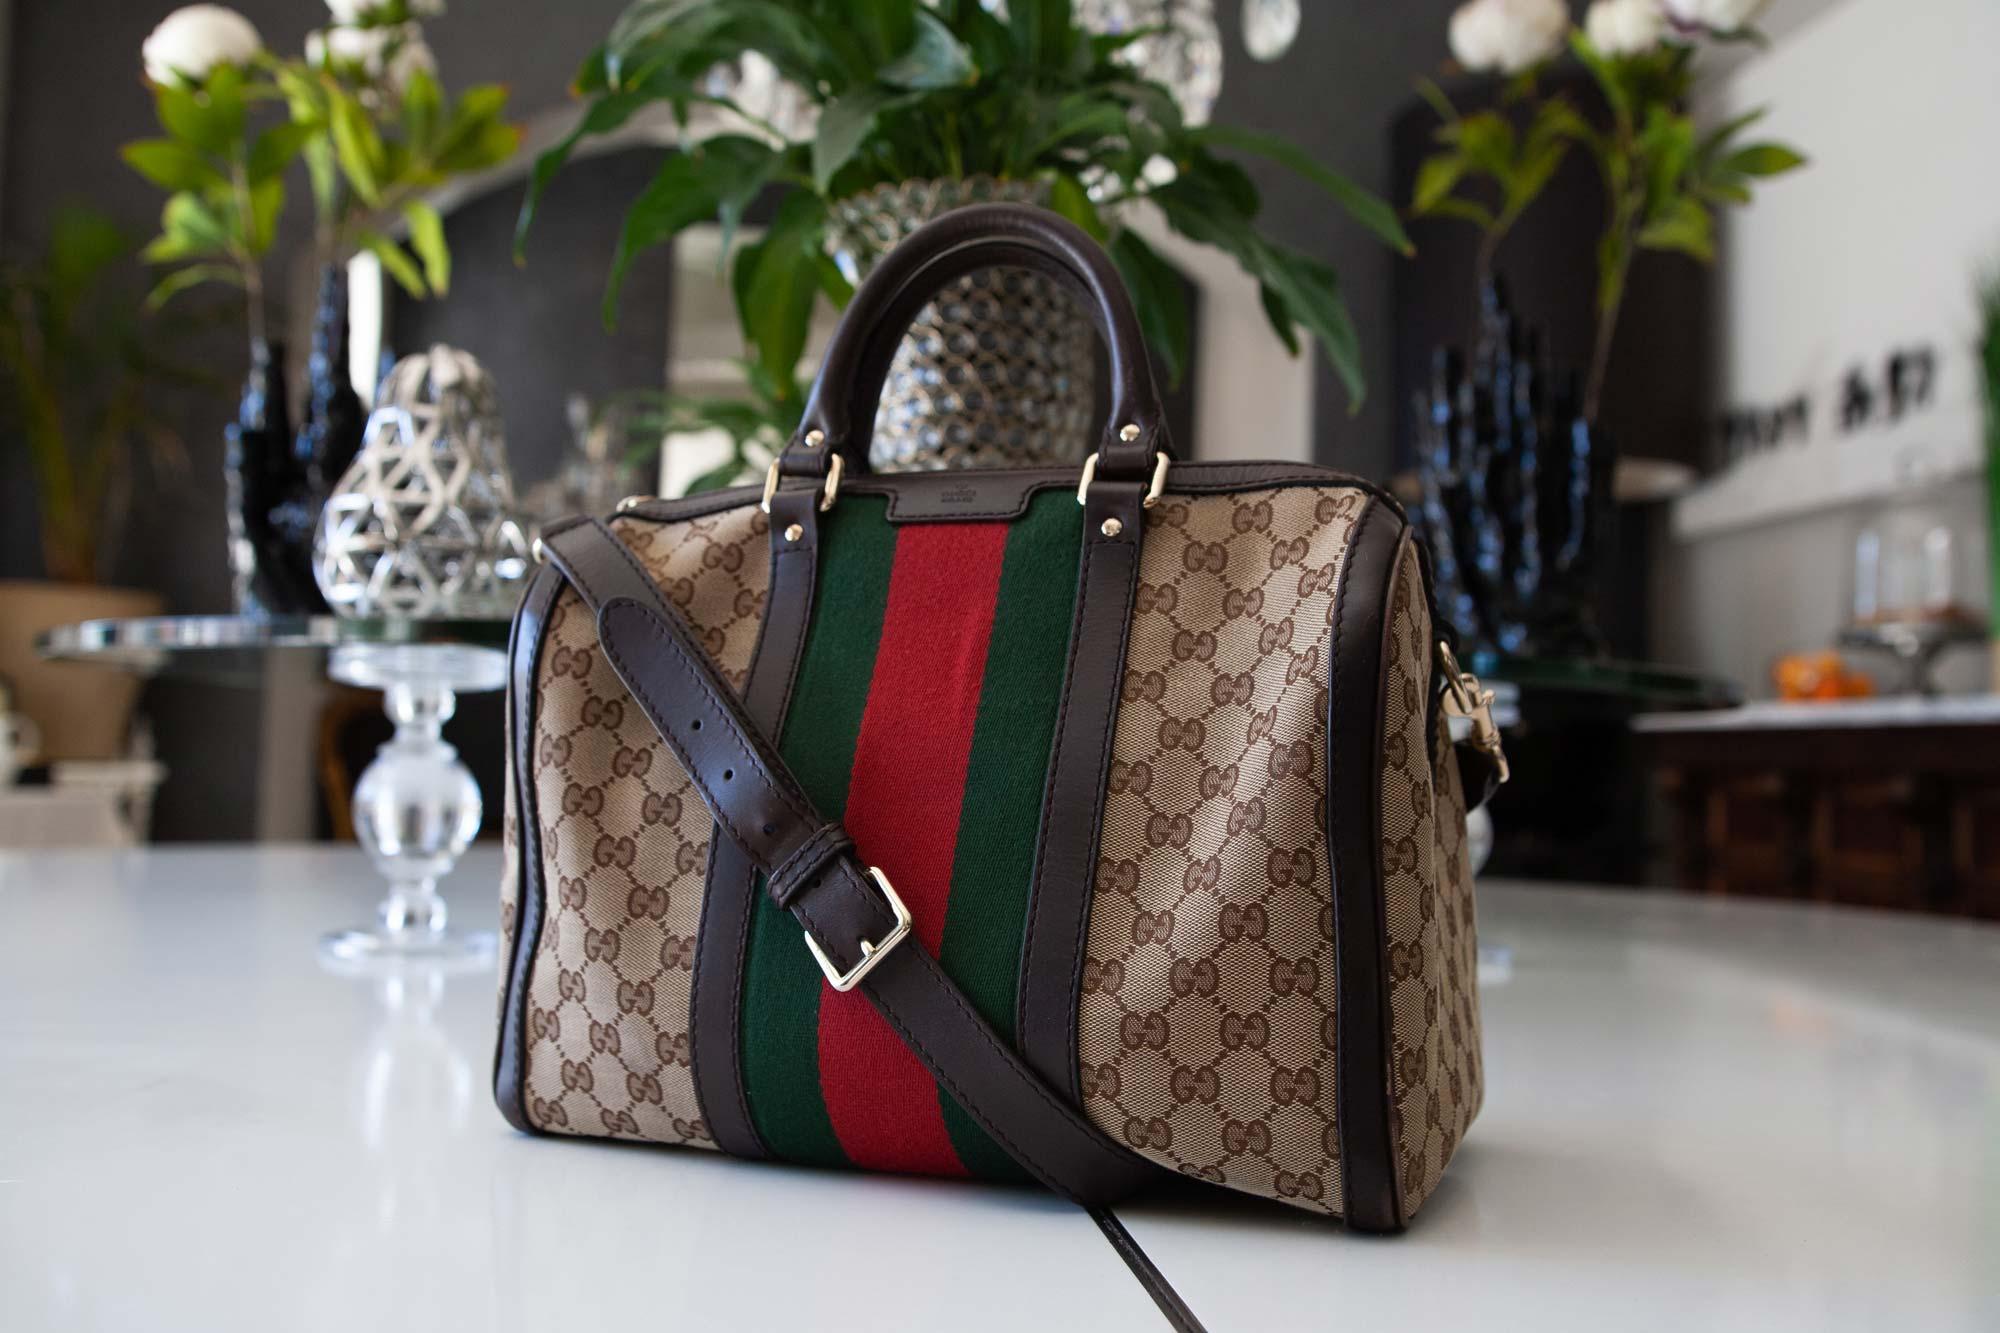 Gucci Handbags in SA